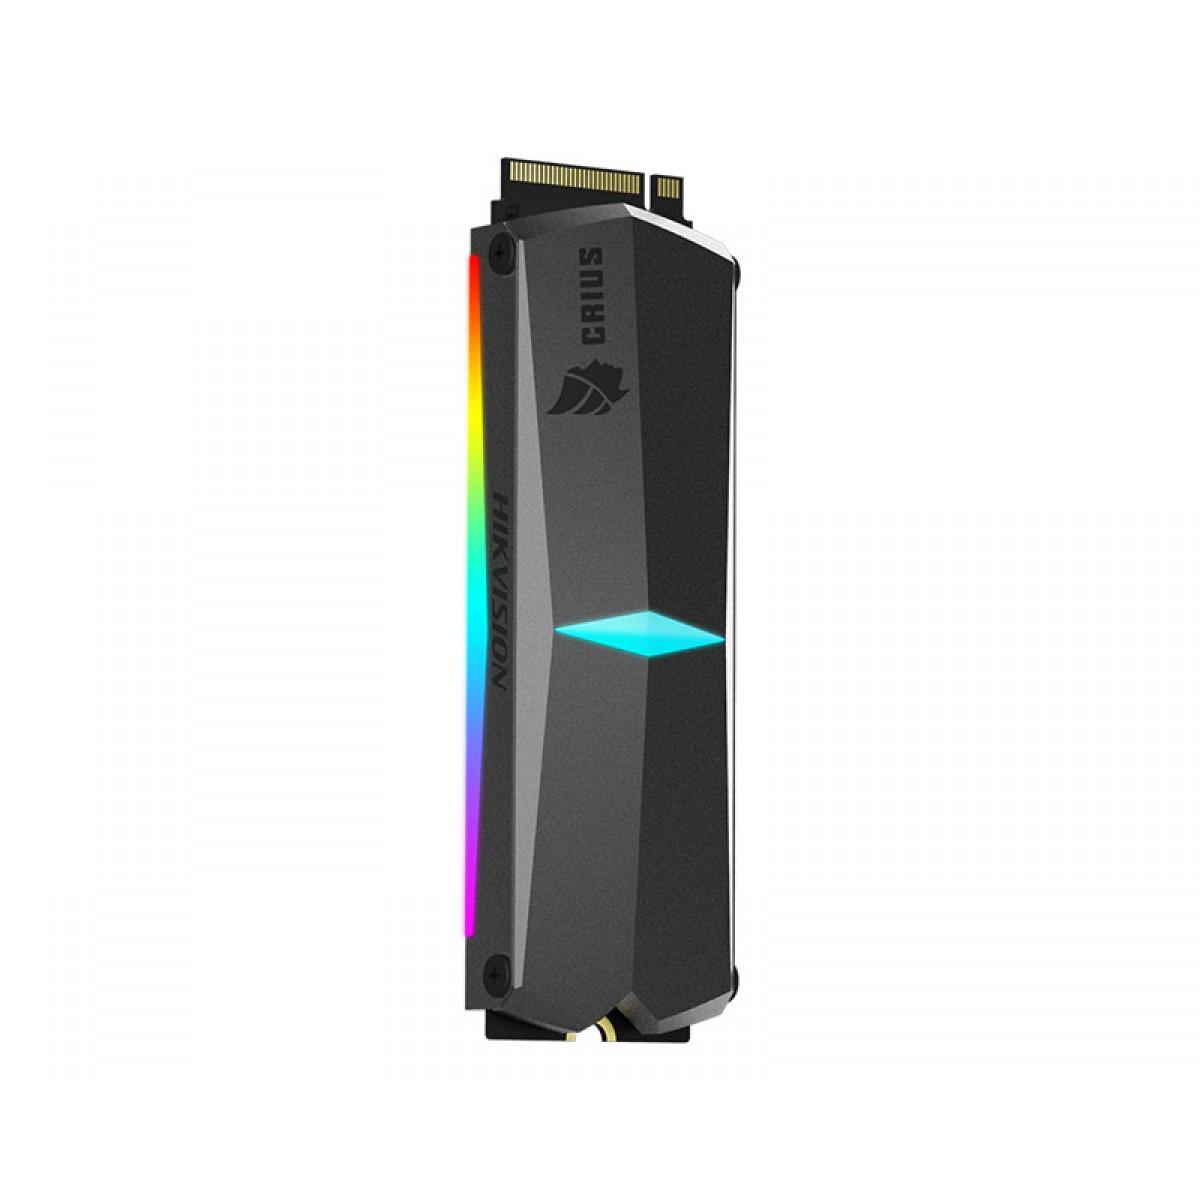 SSD Hikvision E-2000R 1024GB, M.2 NVME, Leitura 3450MBs e Gravação 2900MBs, HS-SSD-E2000R-1024GB